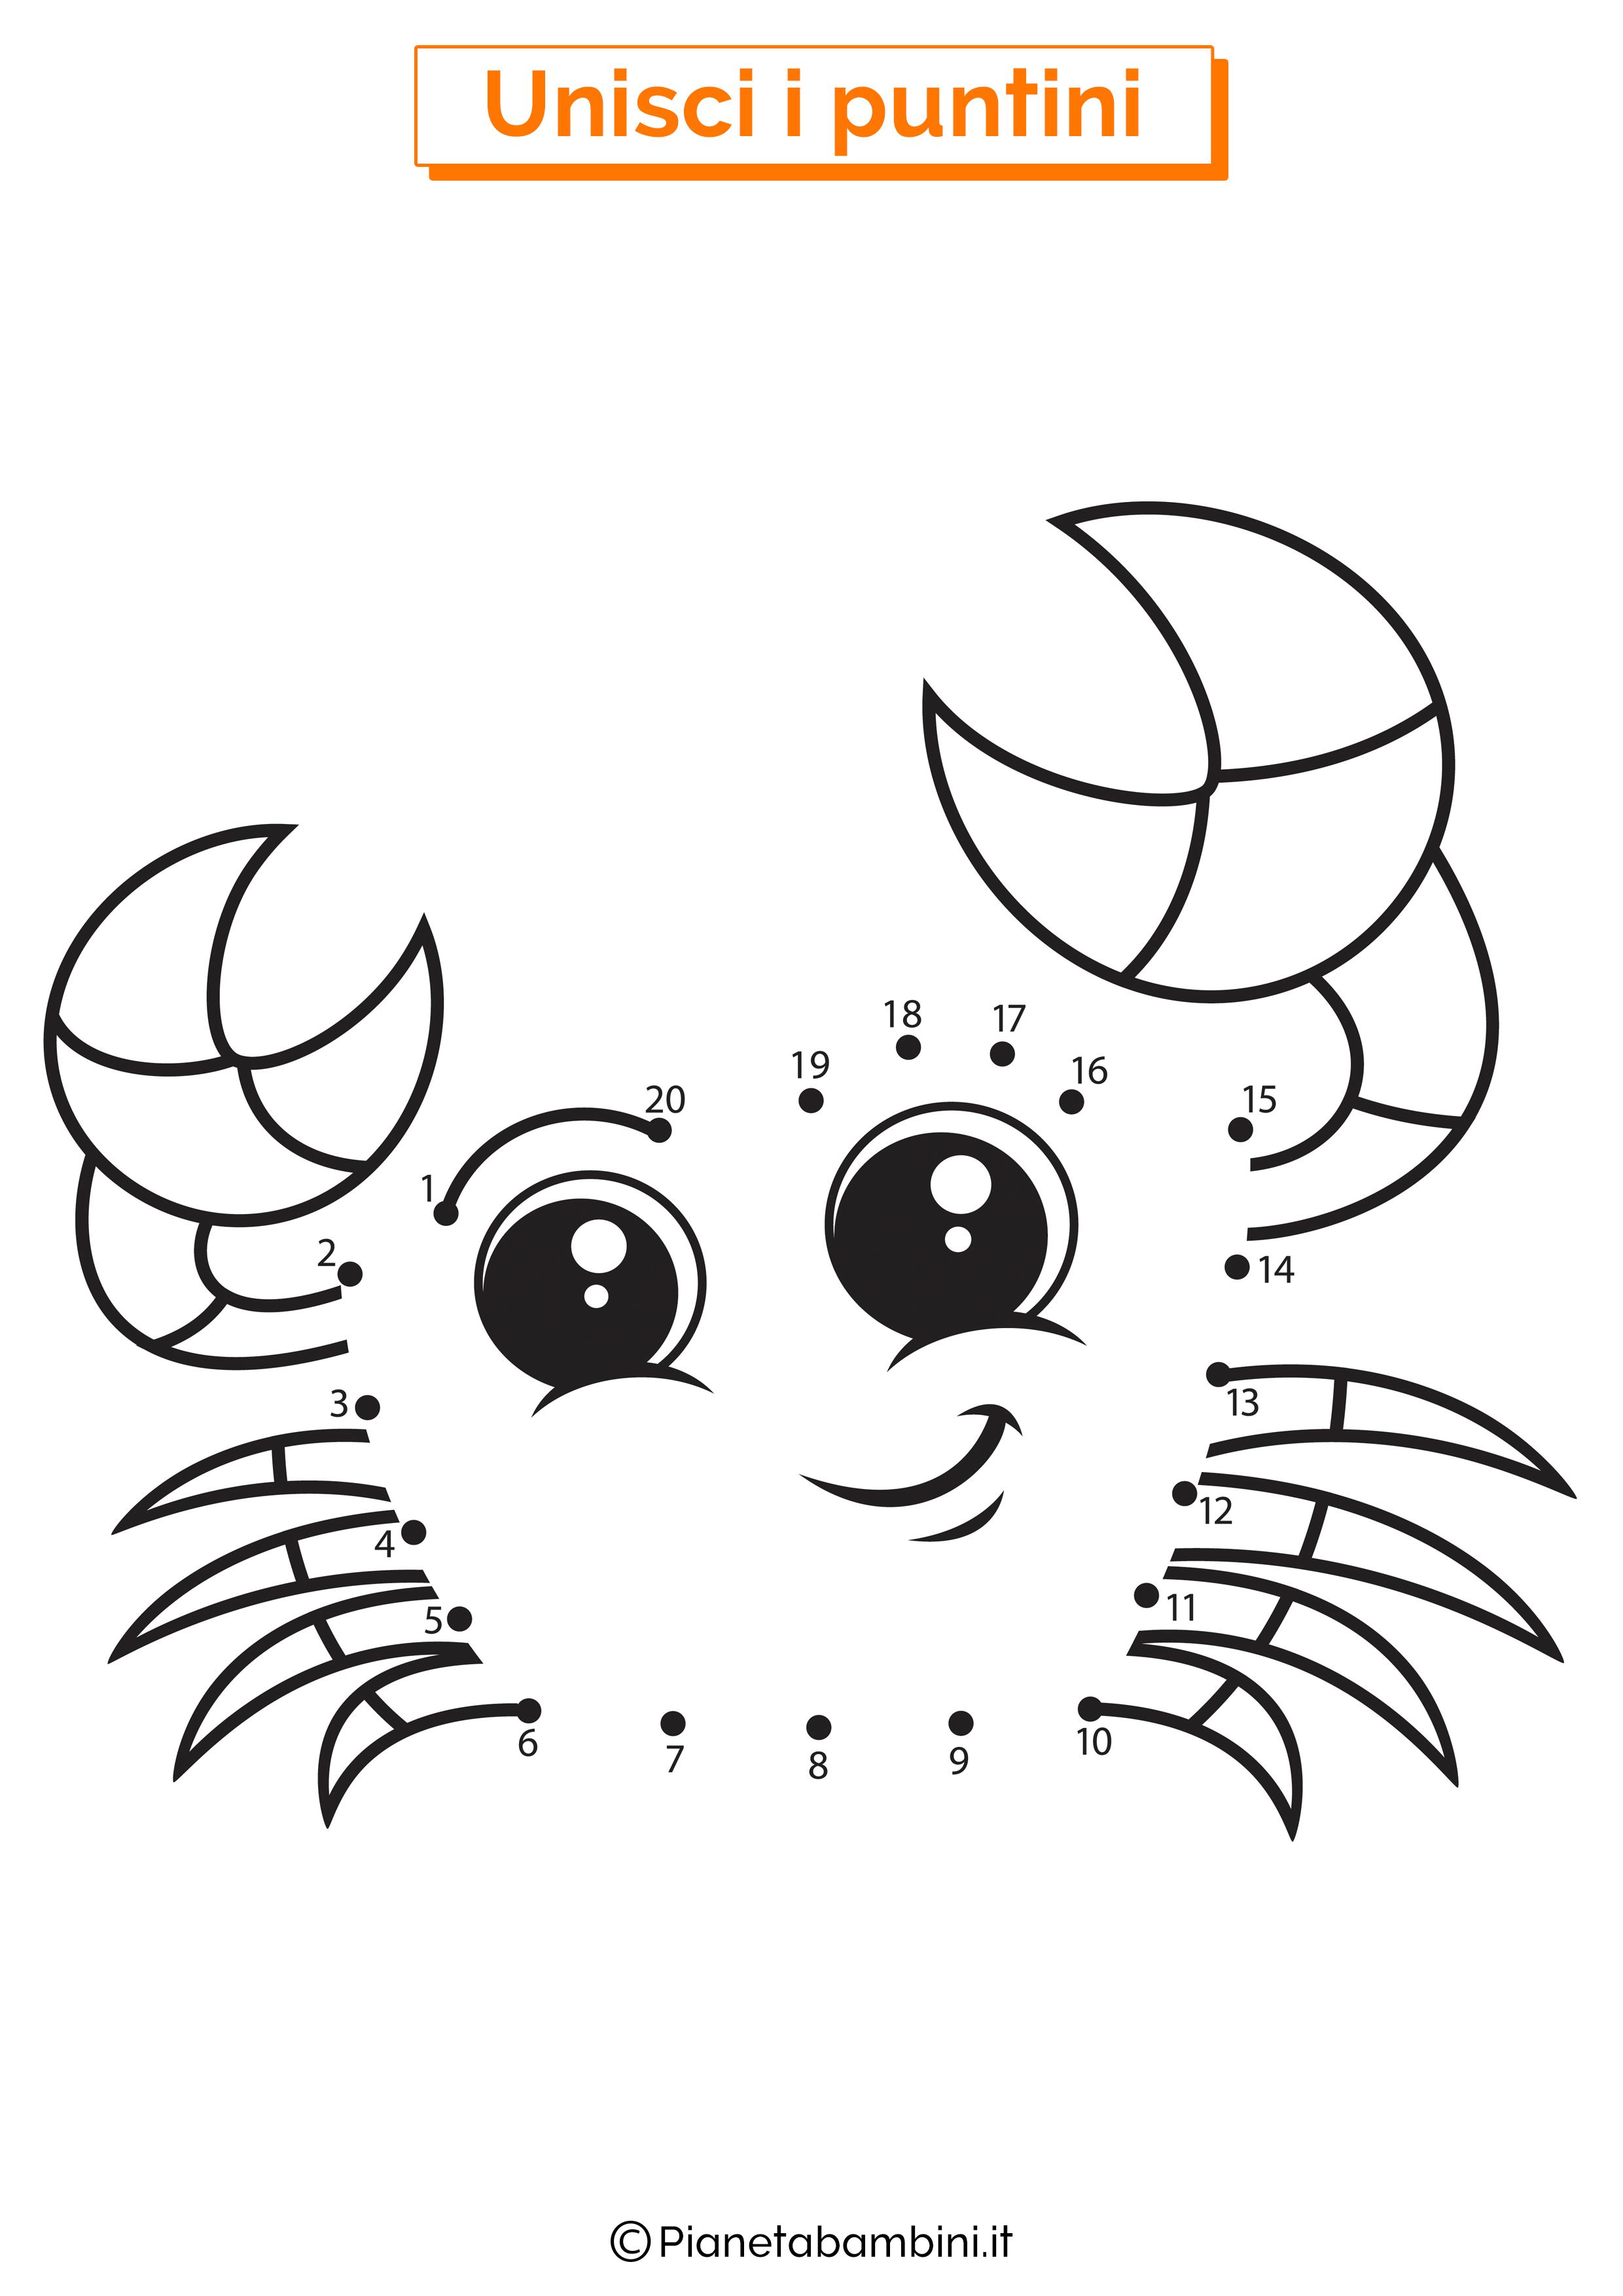 Disegno unisci i puntini granchio